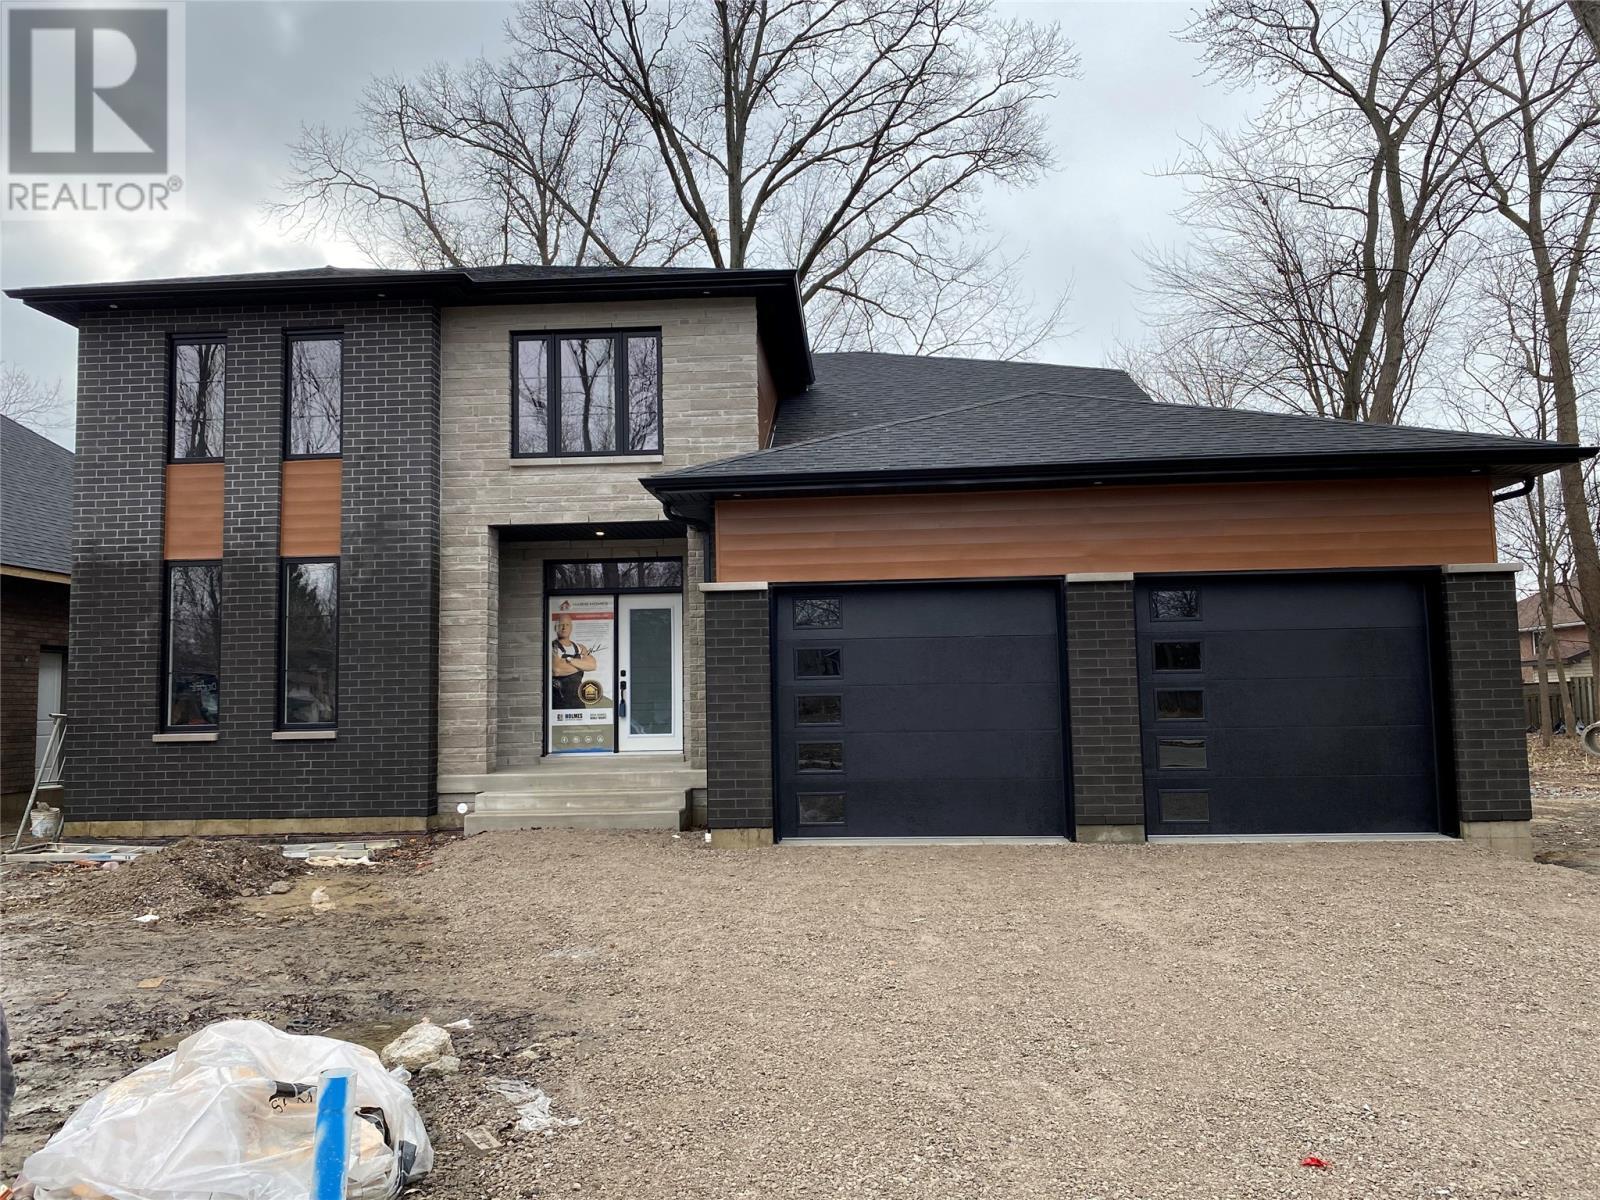 Rendering of 610 Kenwood Blvd. in LaSalle, Ontario